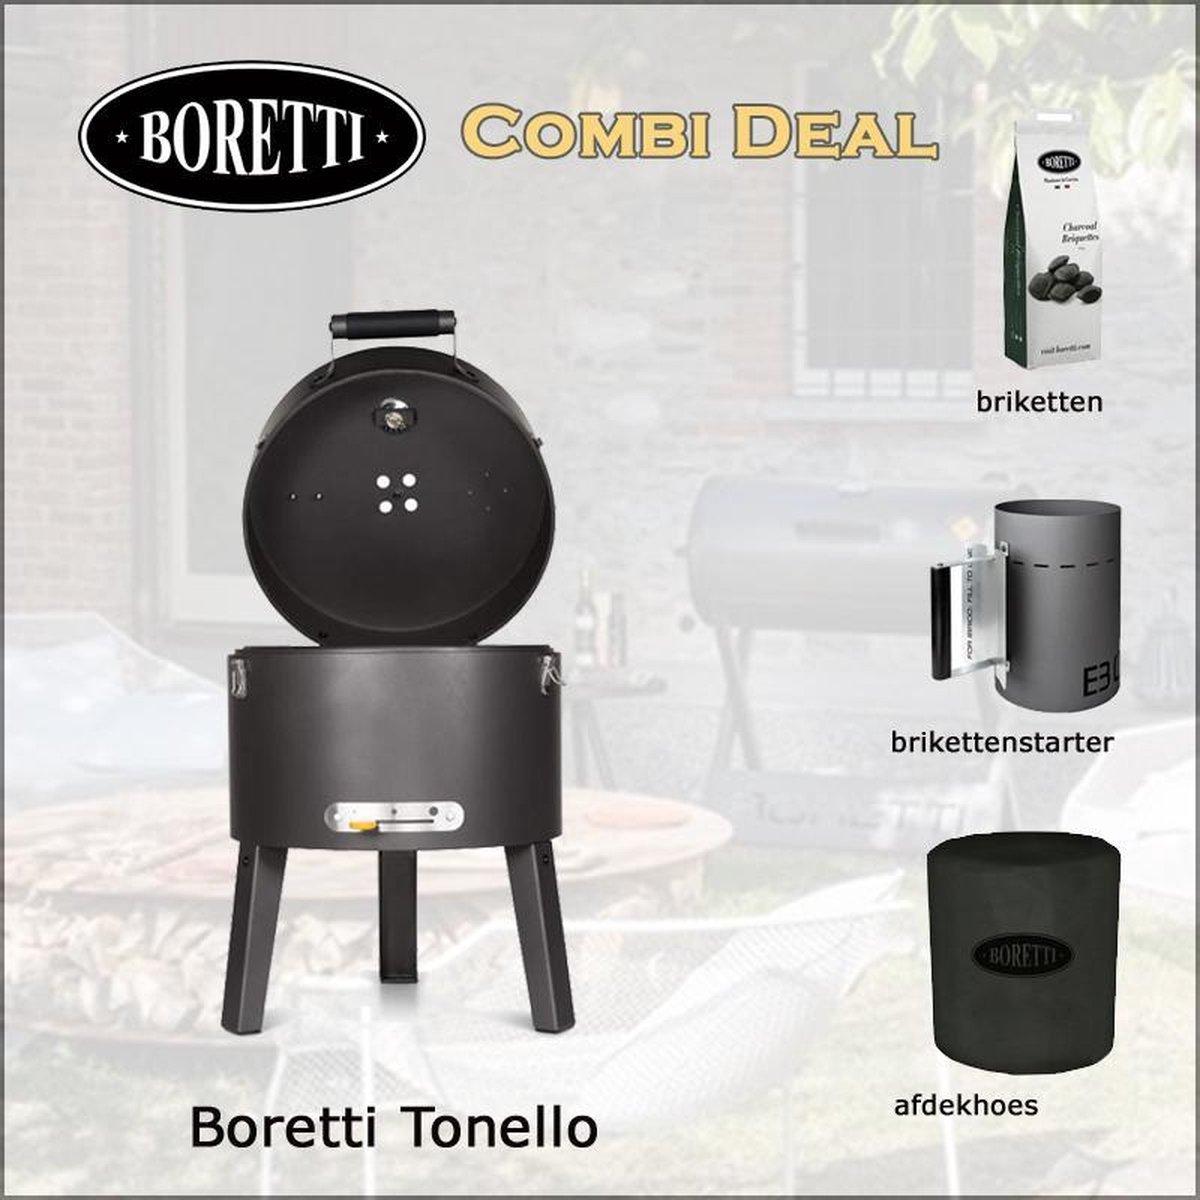 Boretti Tonello Combi Deal